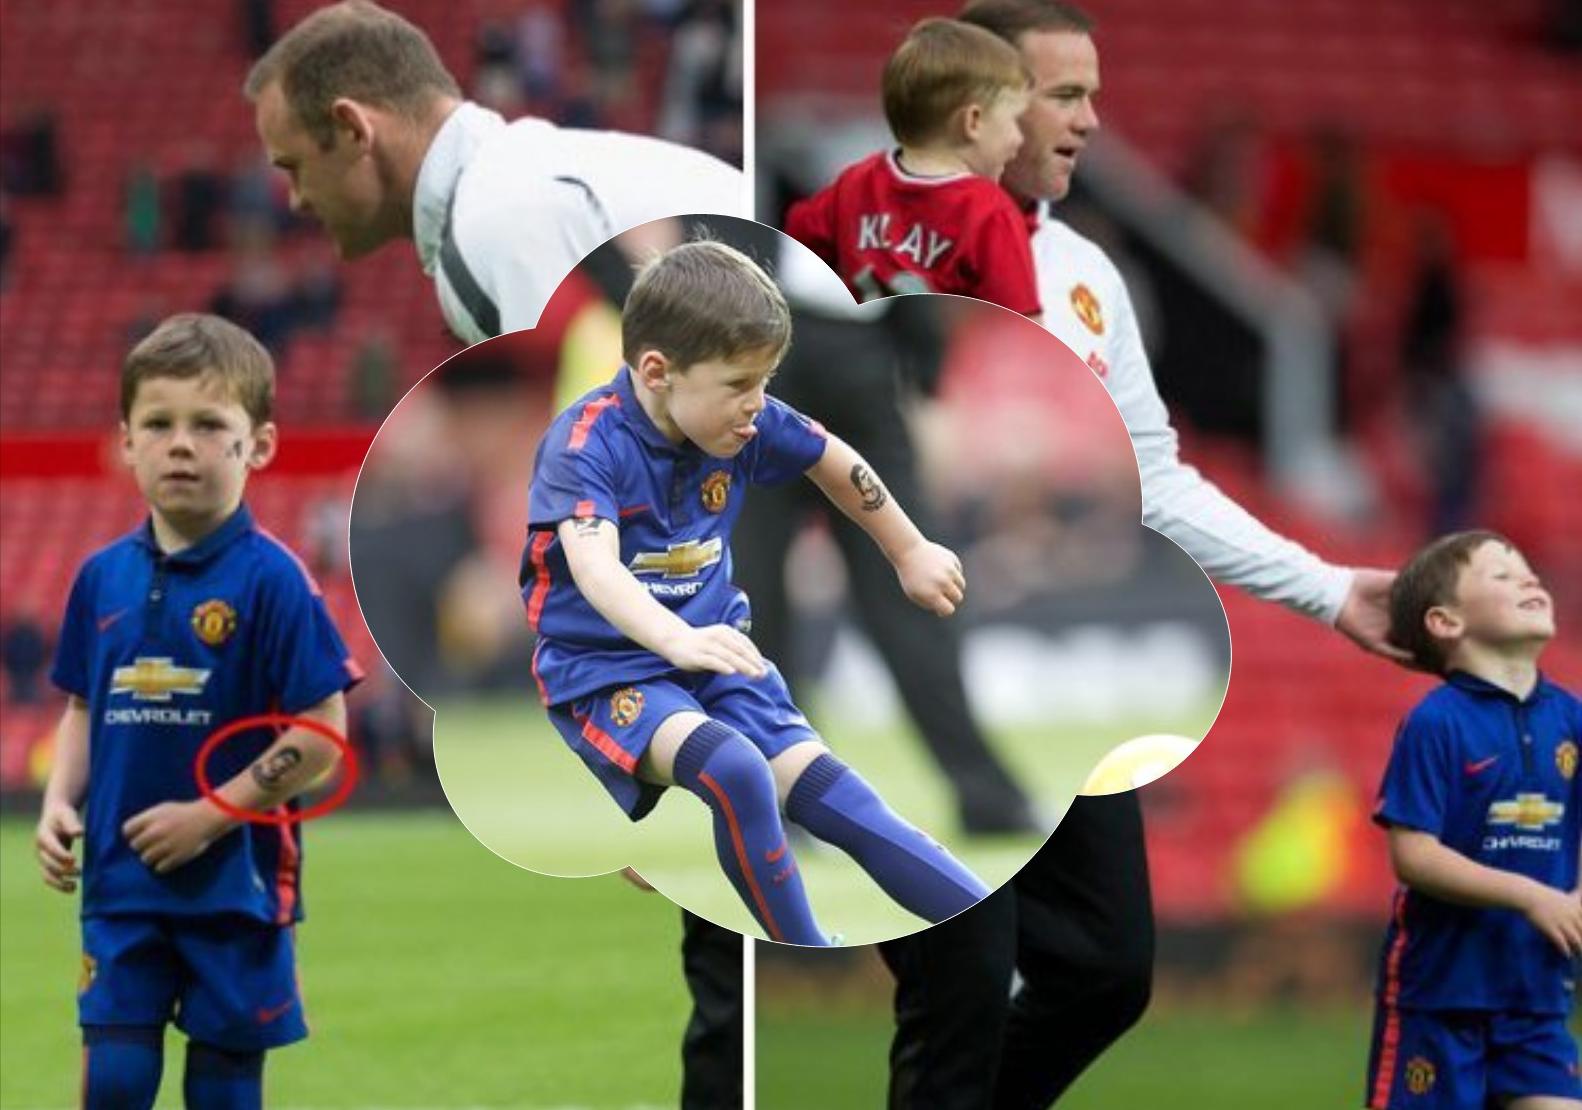 Fëmijët që janë duke i ndjekur hapat e prindërve të tyre futbollistë